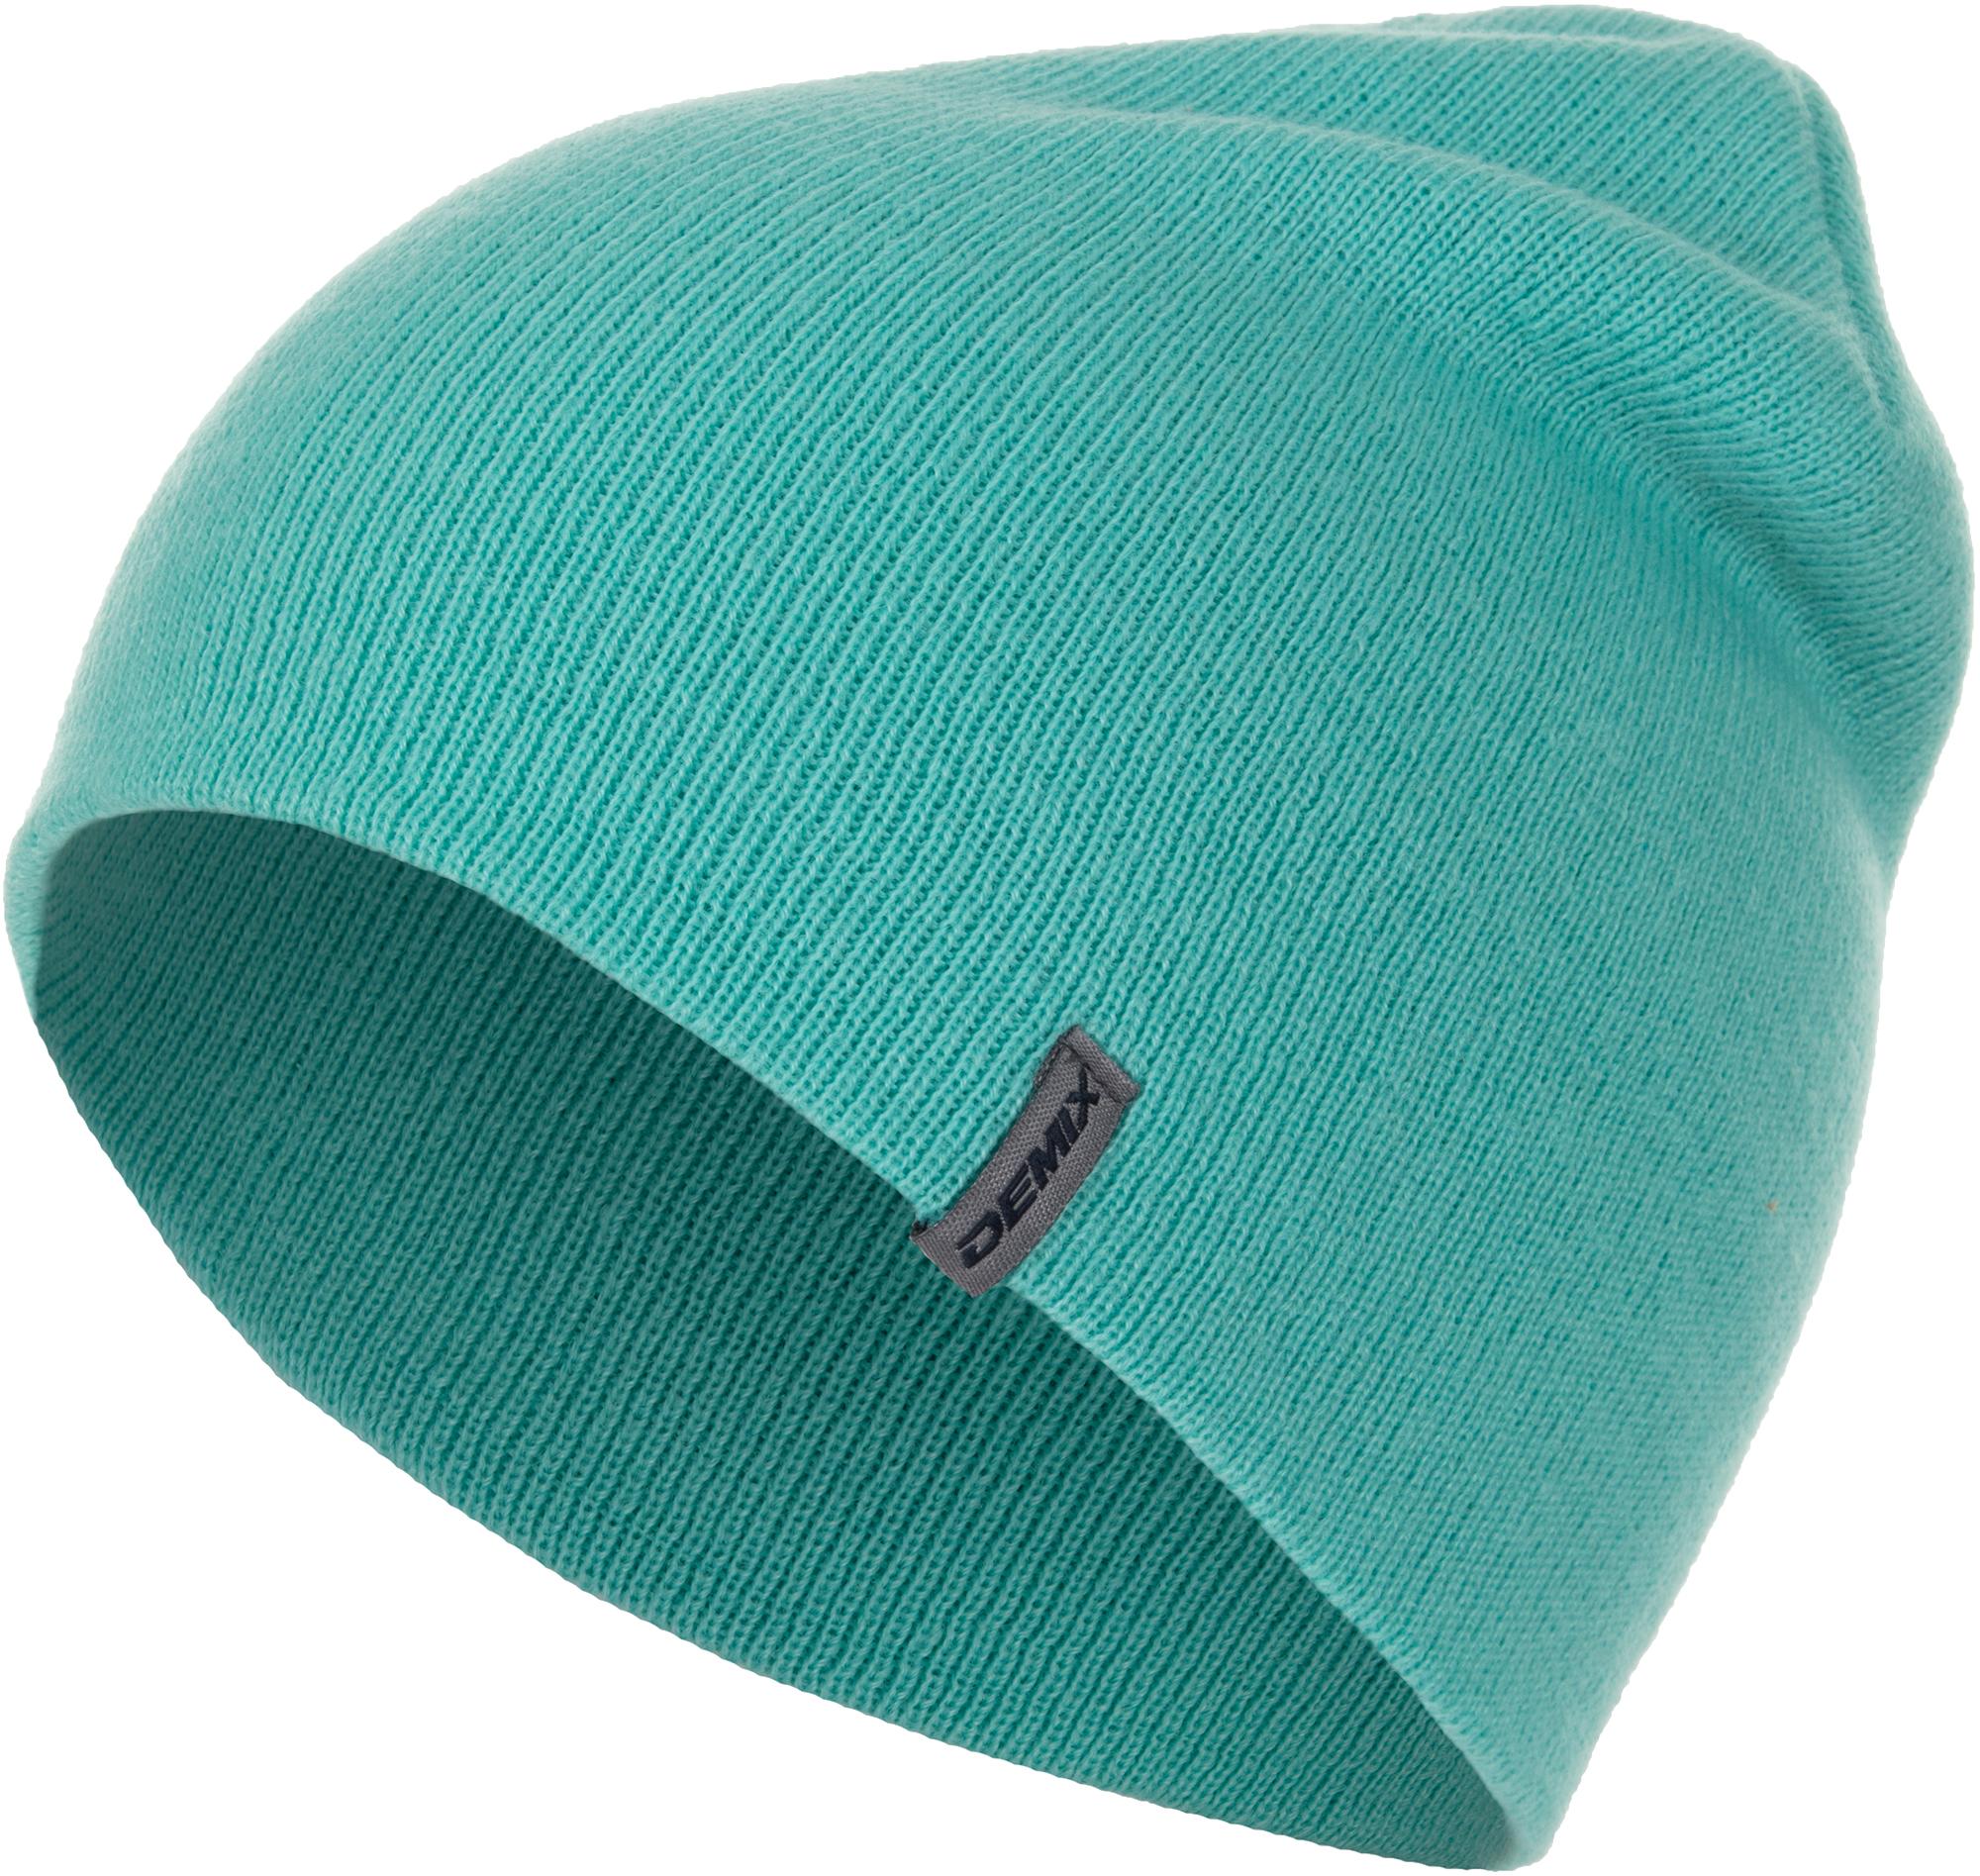 Demix Шапка для девочек Demix, размер 54-56 demix шапка для девочек demix размер 54